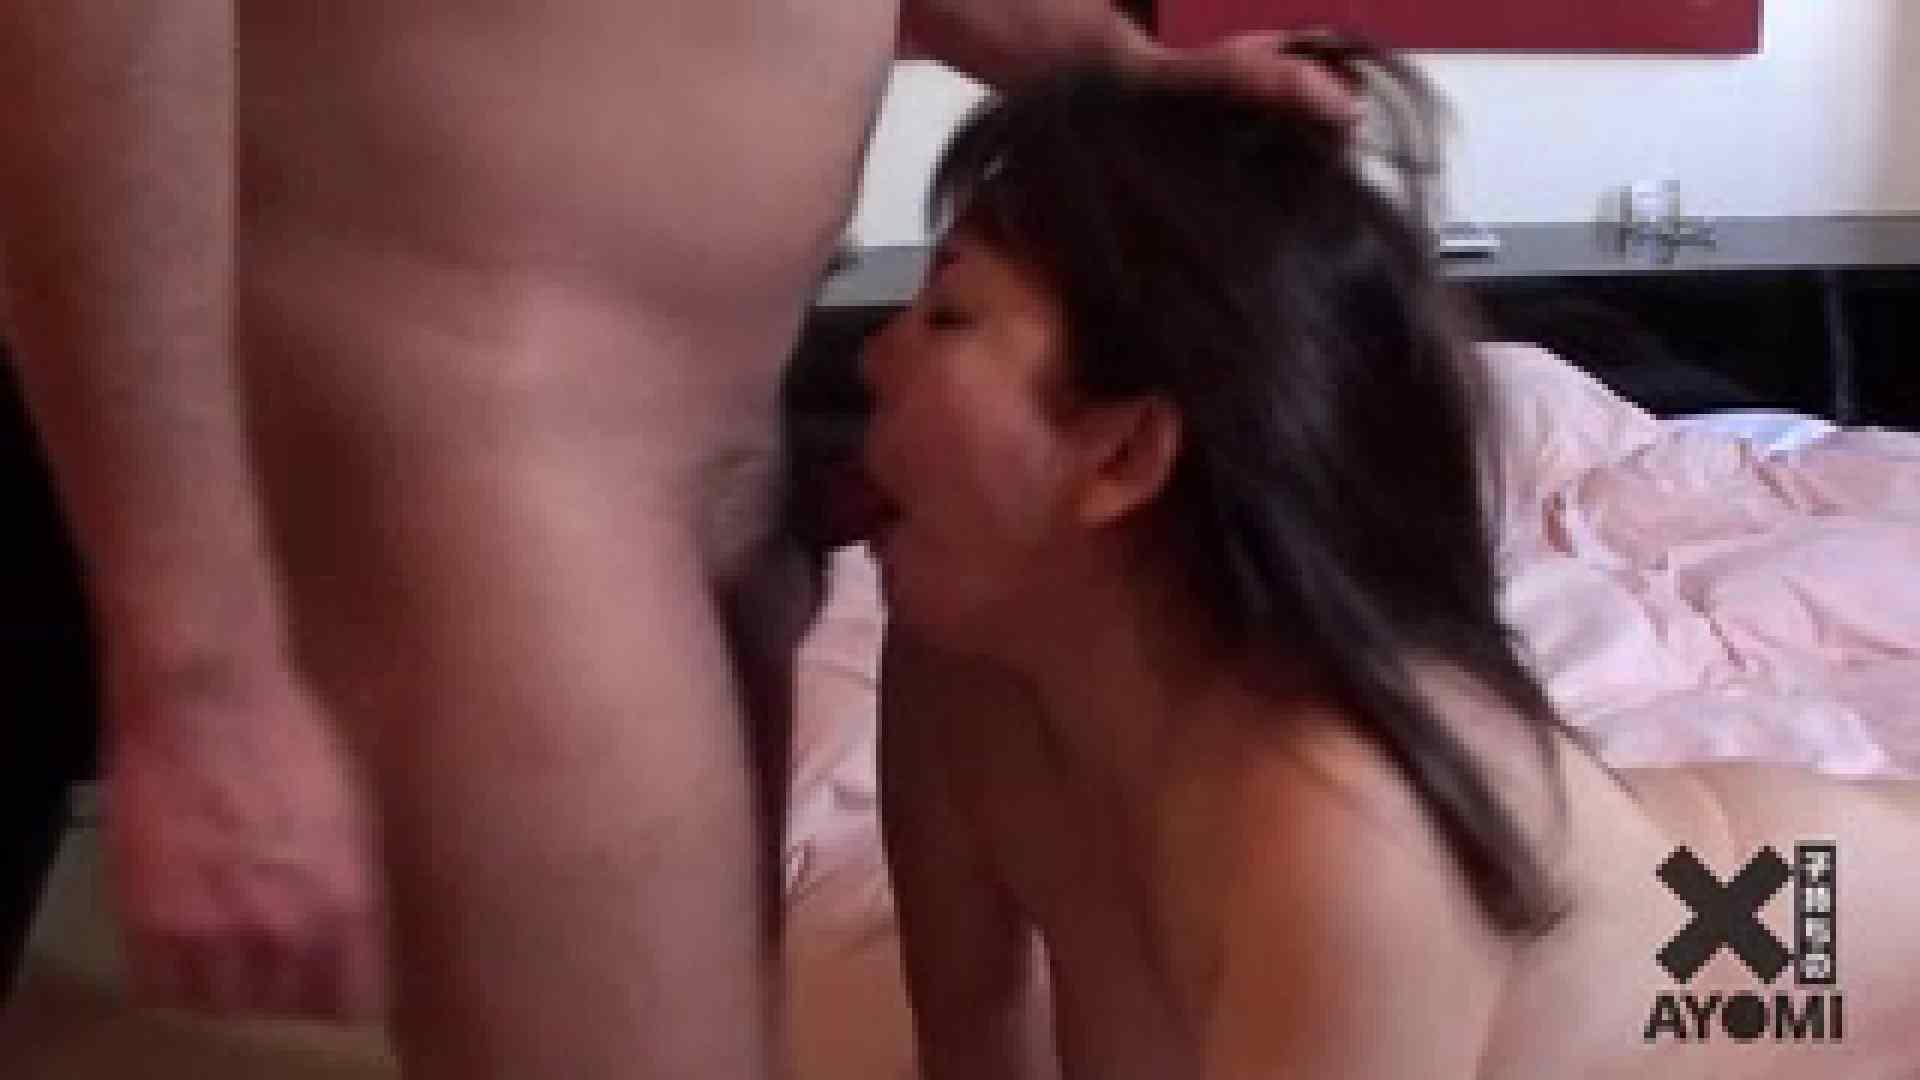 ×一子持ちのM女AYAMIvol.5 OLの裸事情 ワレメ無修正動画無料 70枚 44